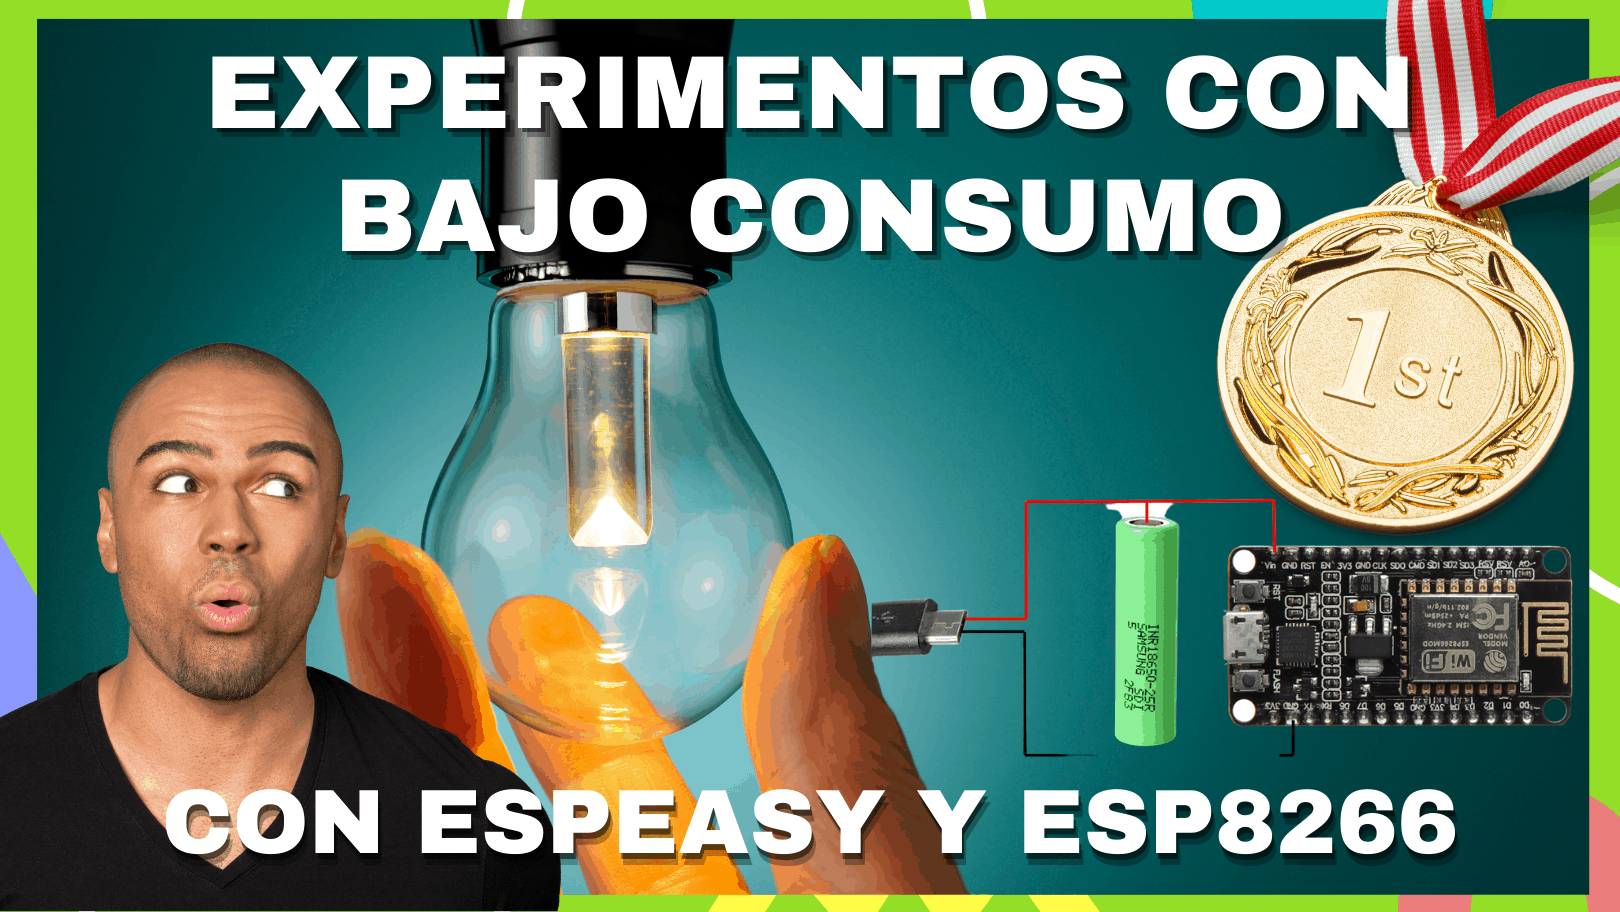 Experimentos con ESP Easy (ESP8266) y bajo consumo - v1.0